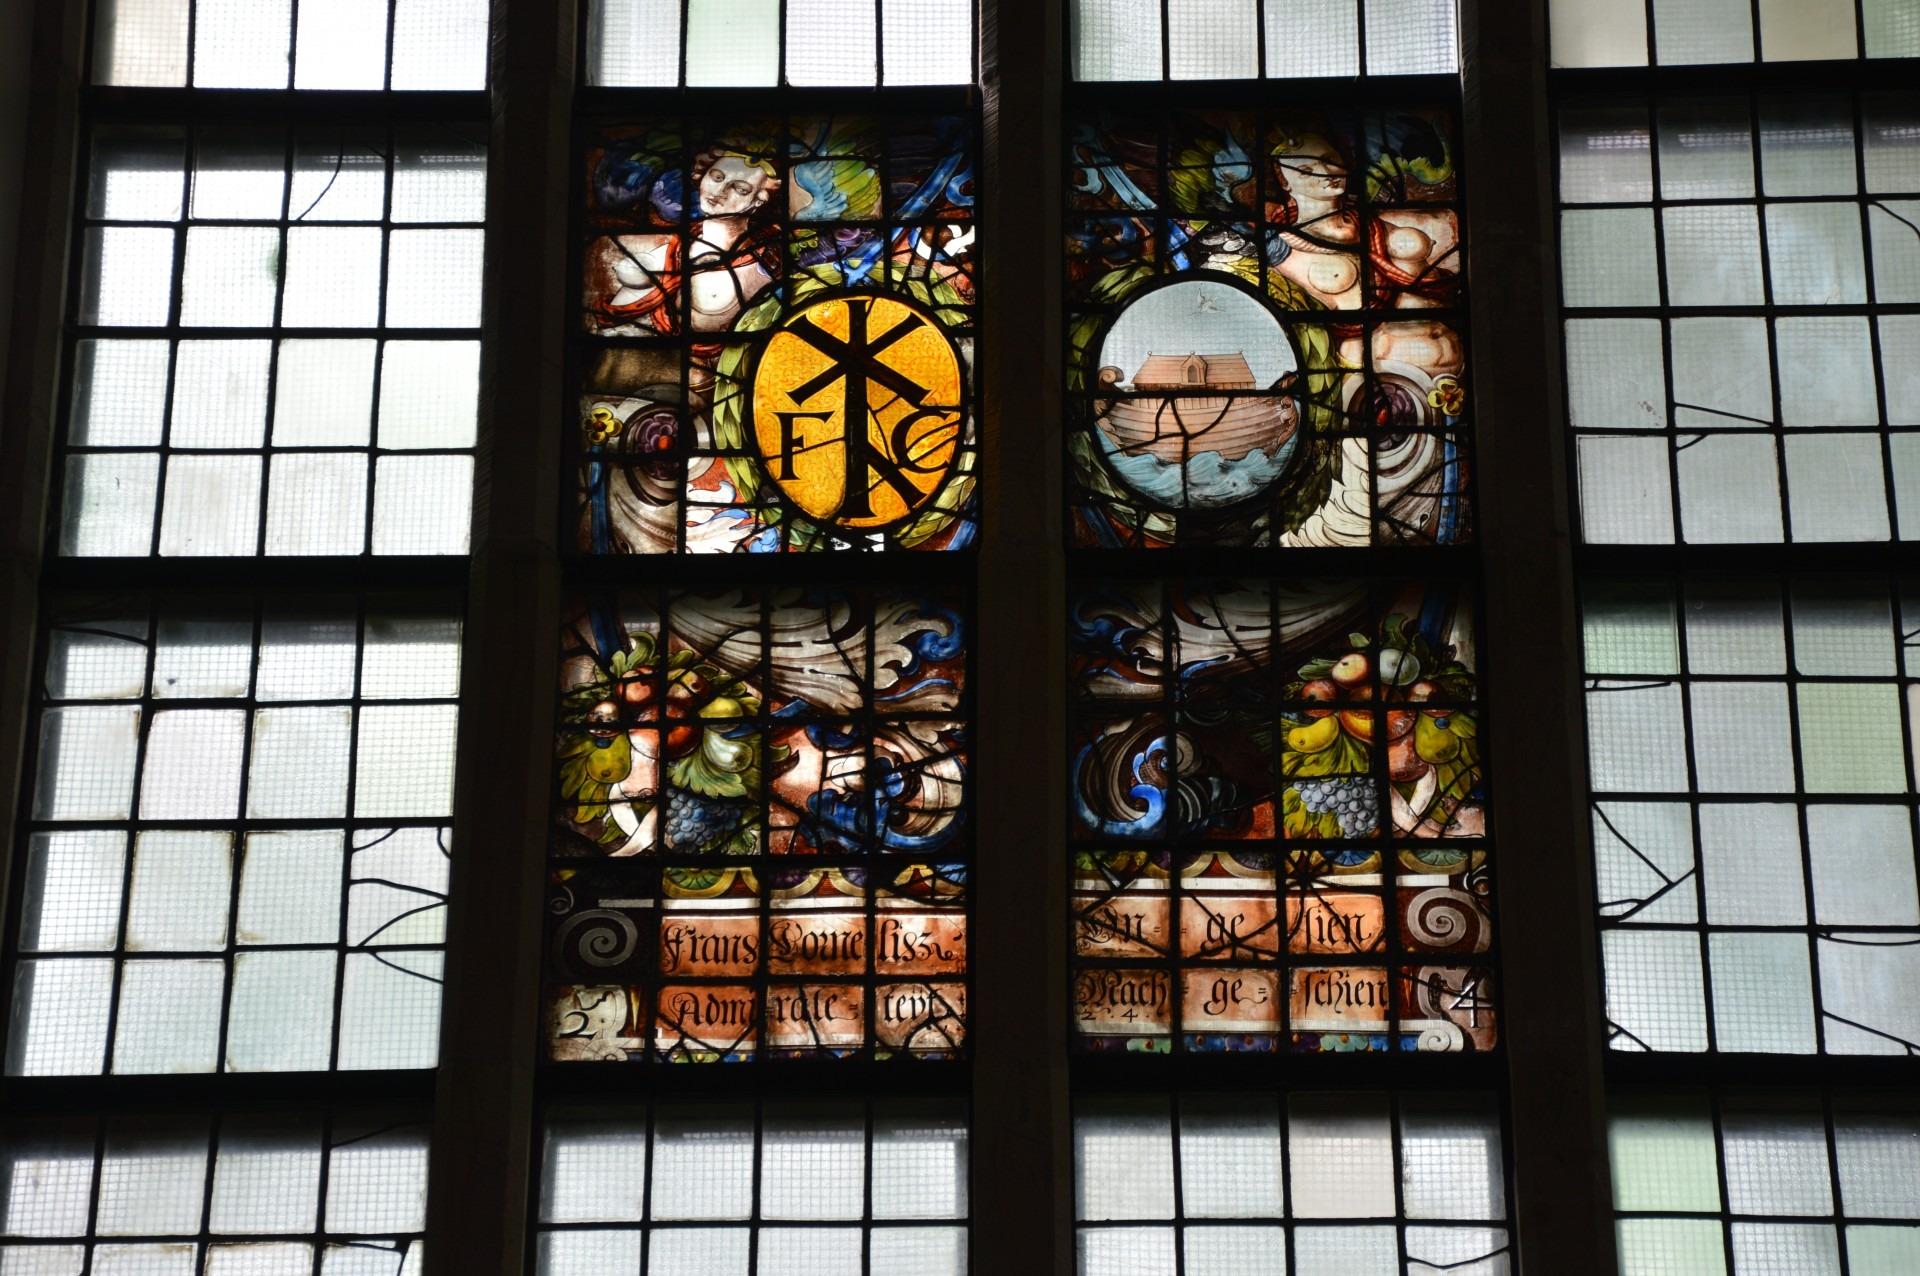 Immagini belle bicchiere chiesa materiale vetro colorato olanda testo fede simmetria - A finestra testo ...